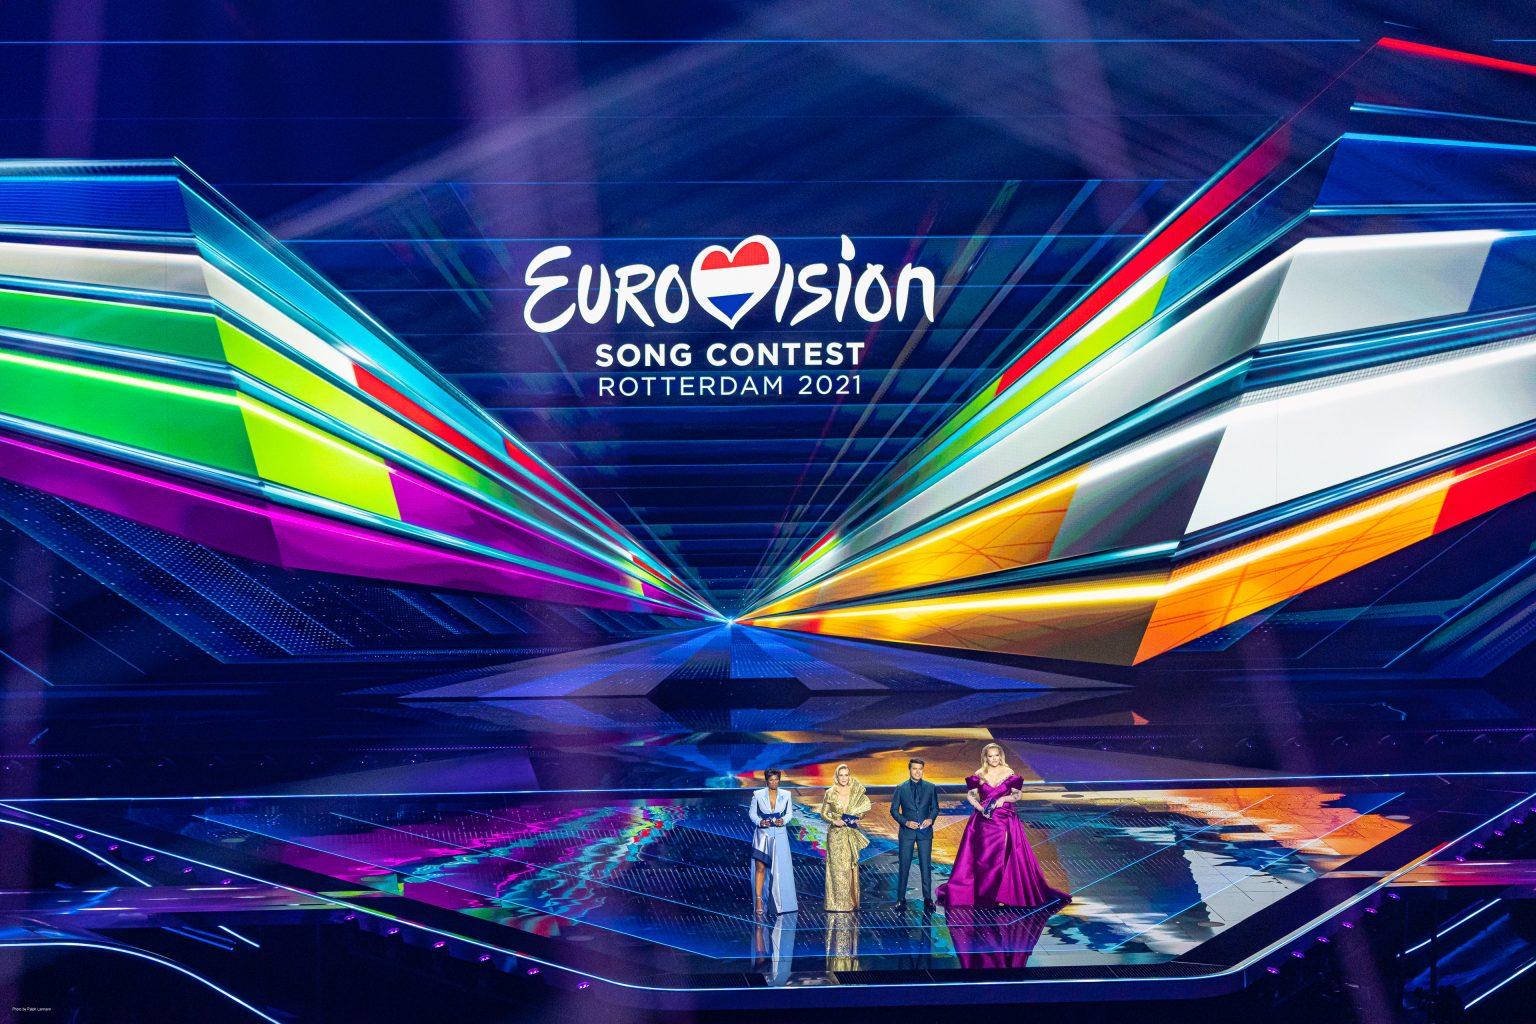 Bild der Bühne vom ESC 2021